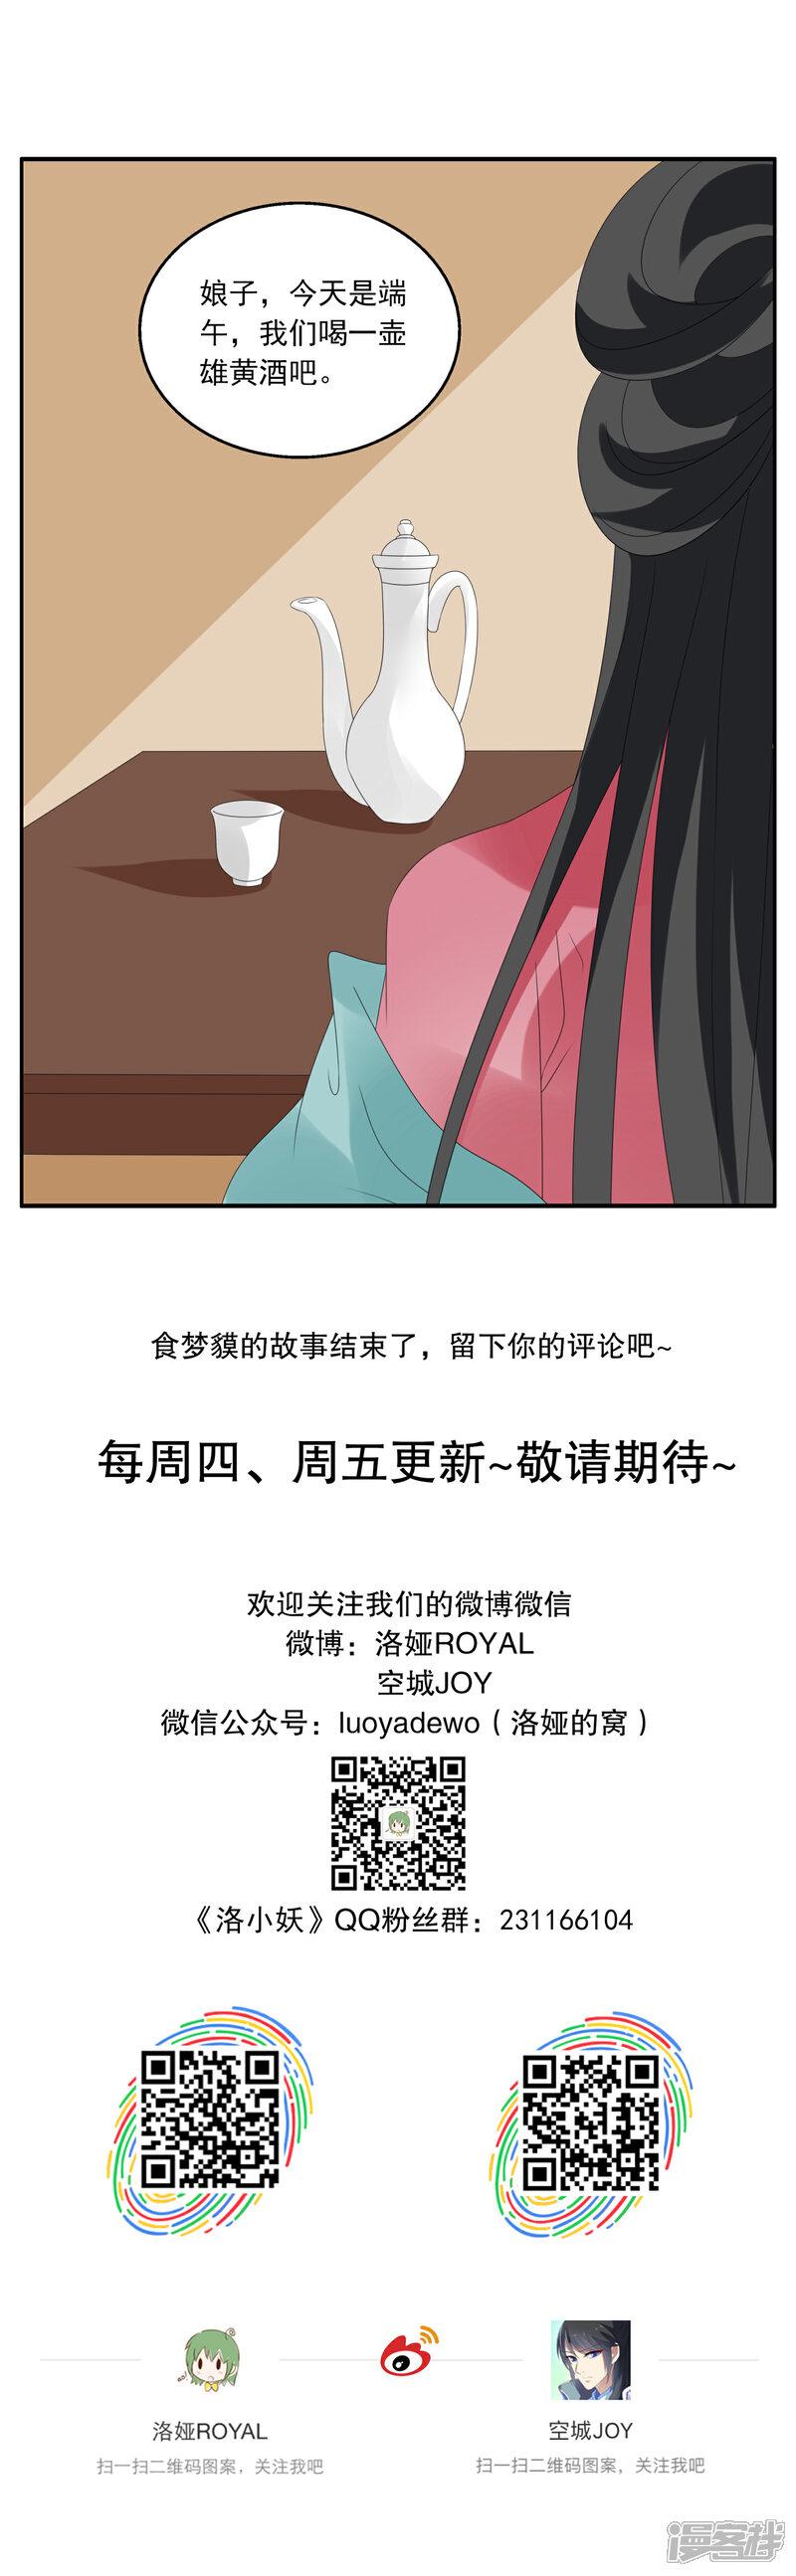 洛小妖136 (8).JPG